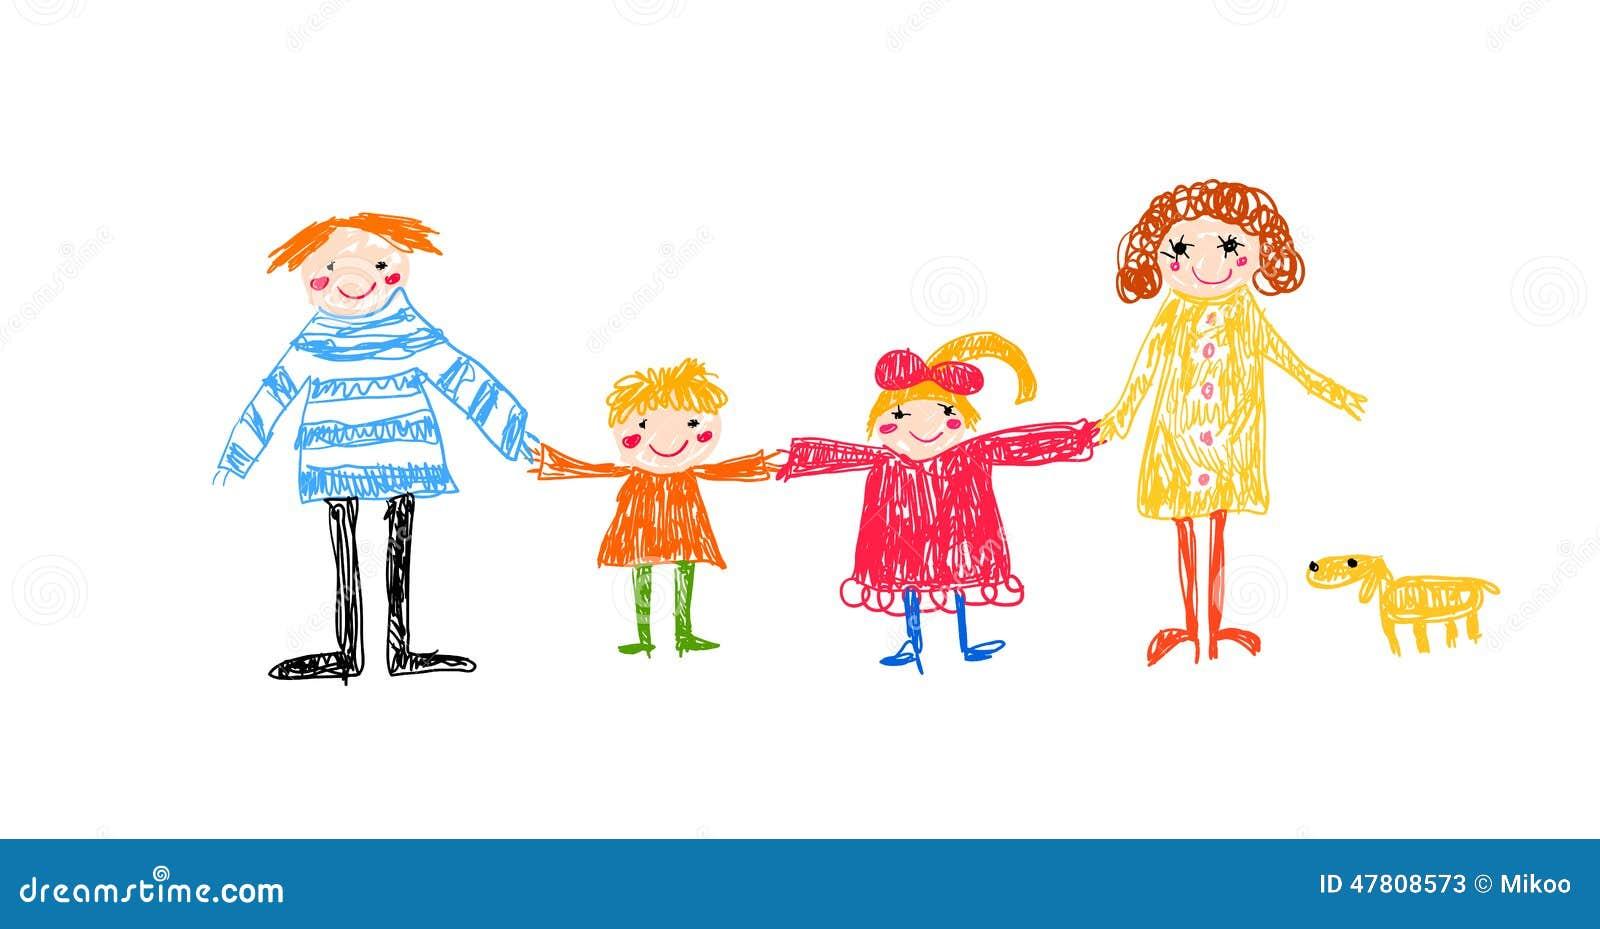 Industrial House Plans Dessin D Enfant De Famille Illustration De Vecteur Image